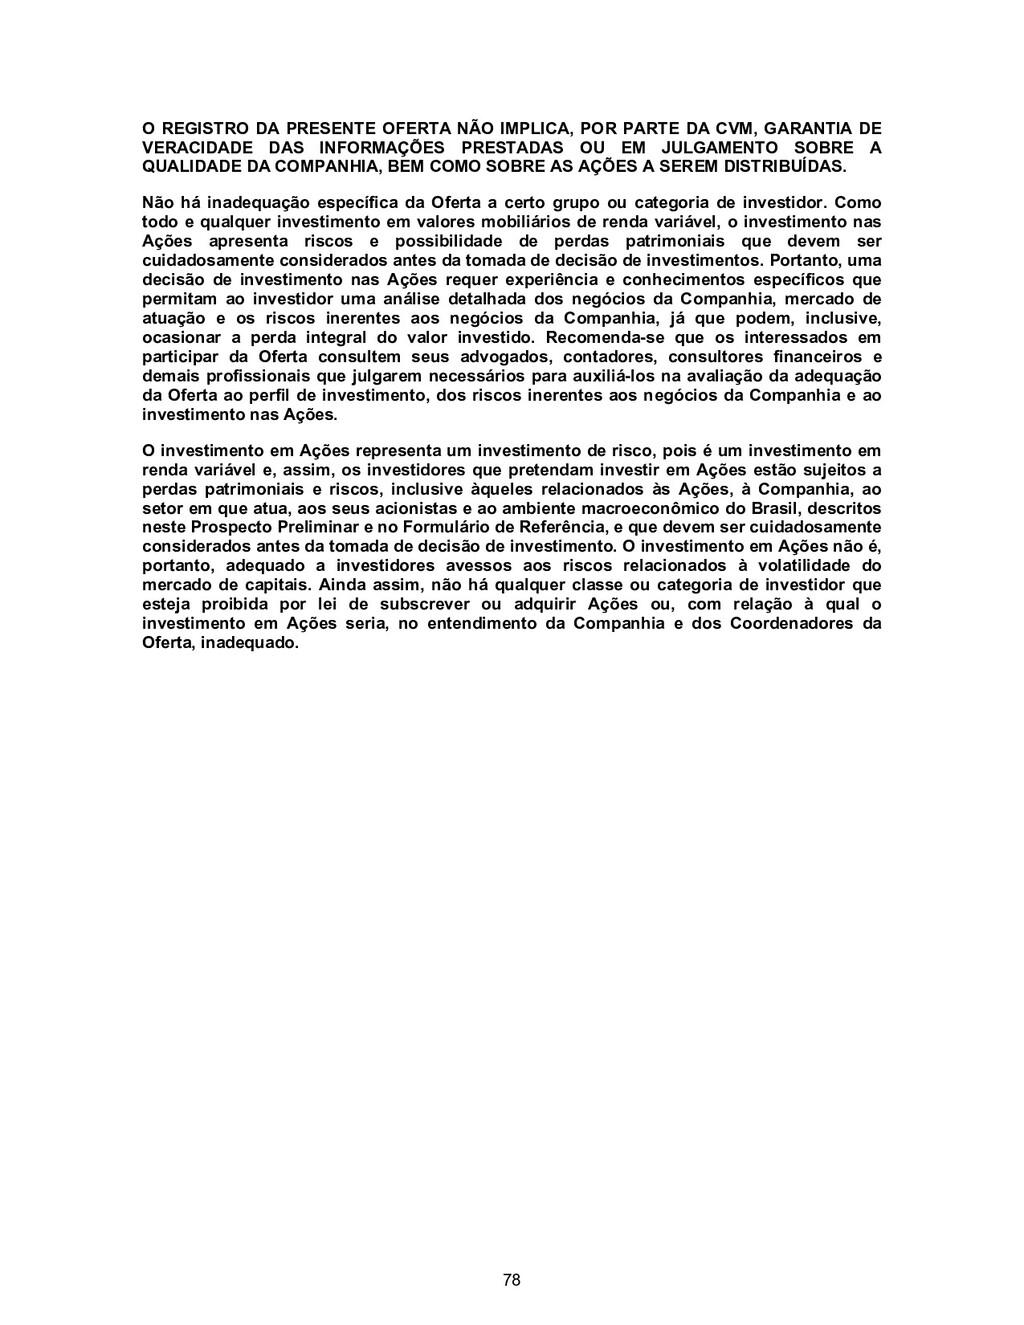 78 O REGISTRO DA PRESENTE OFERTA NÃO IMPLICA, P...